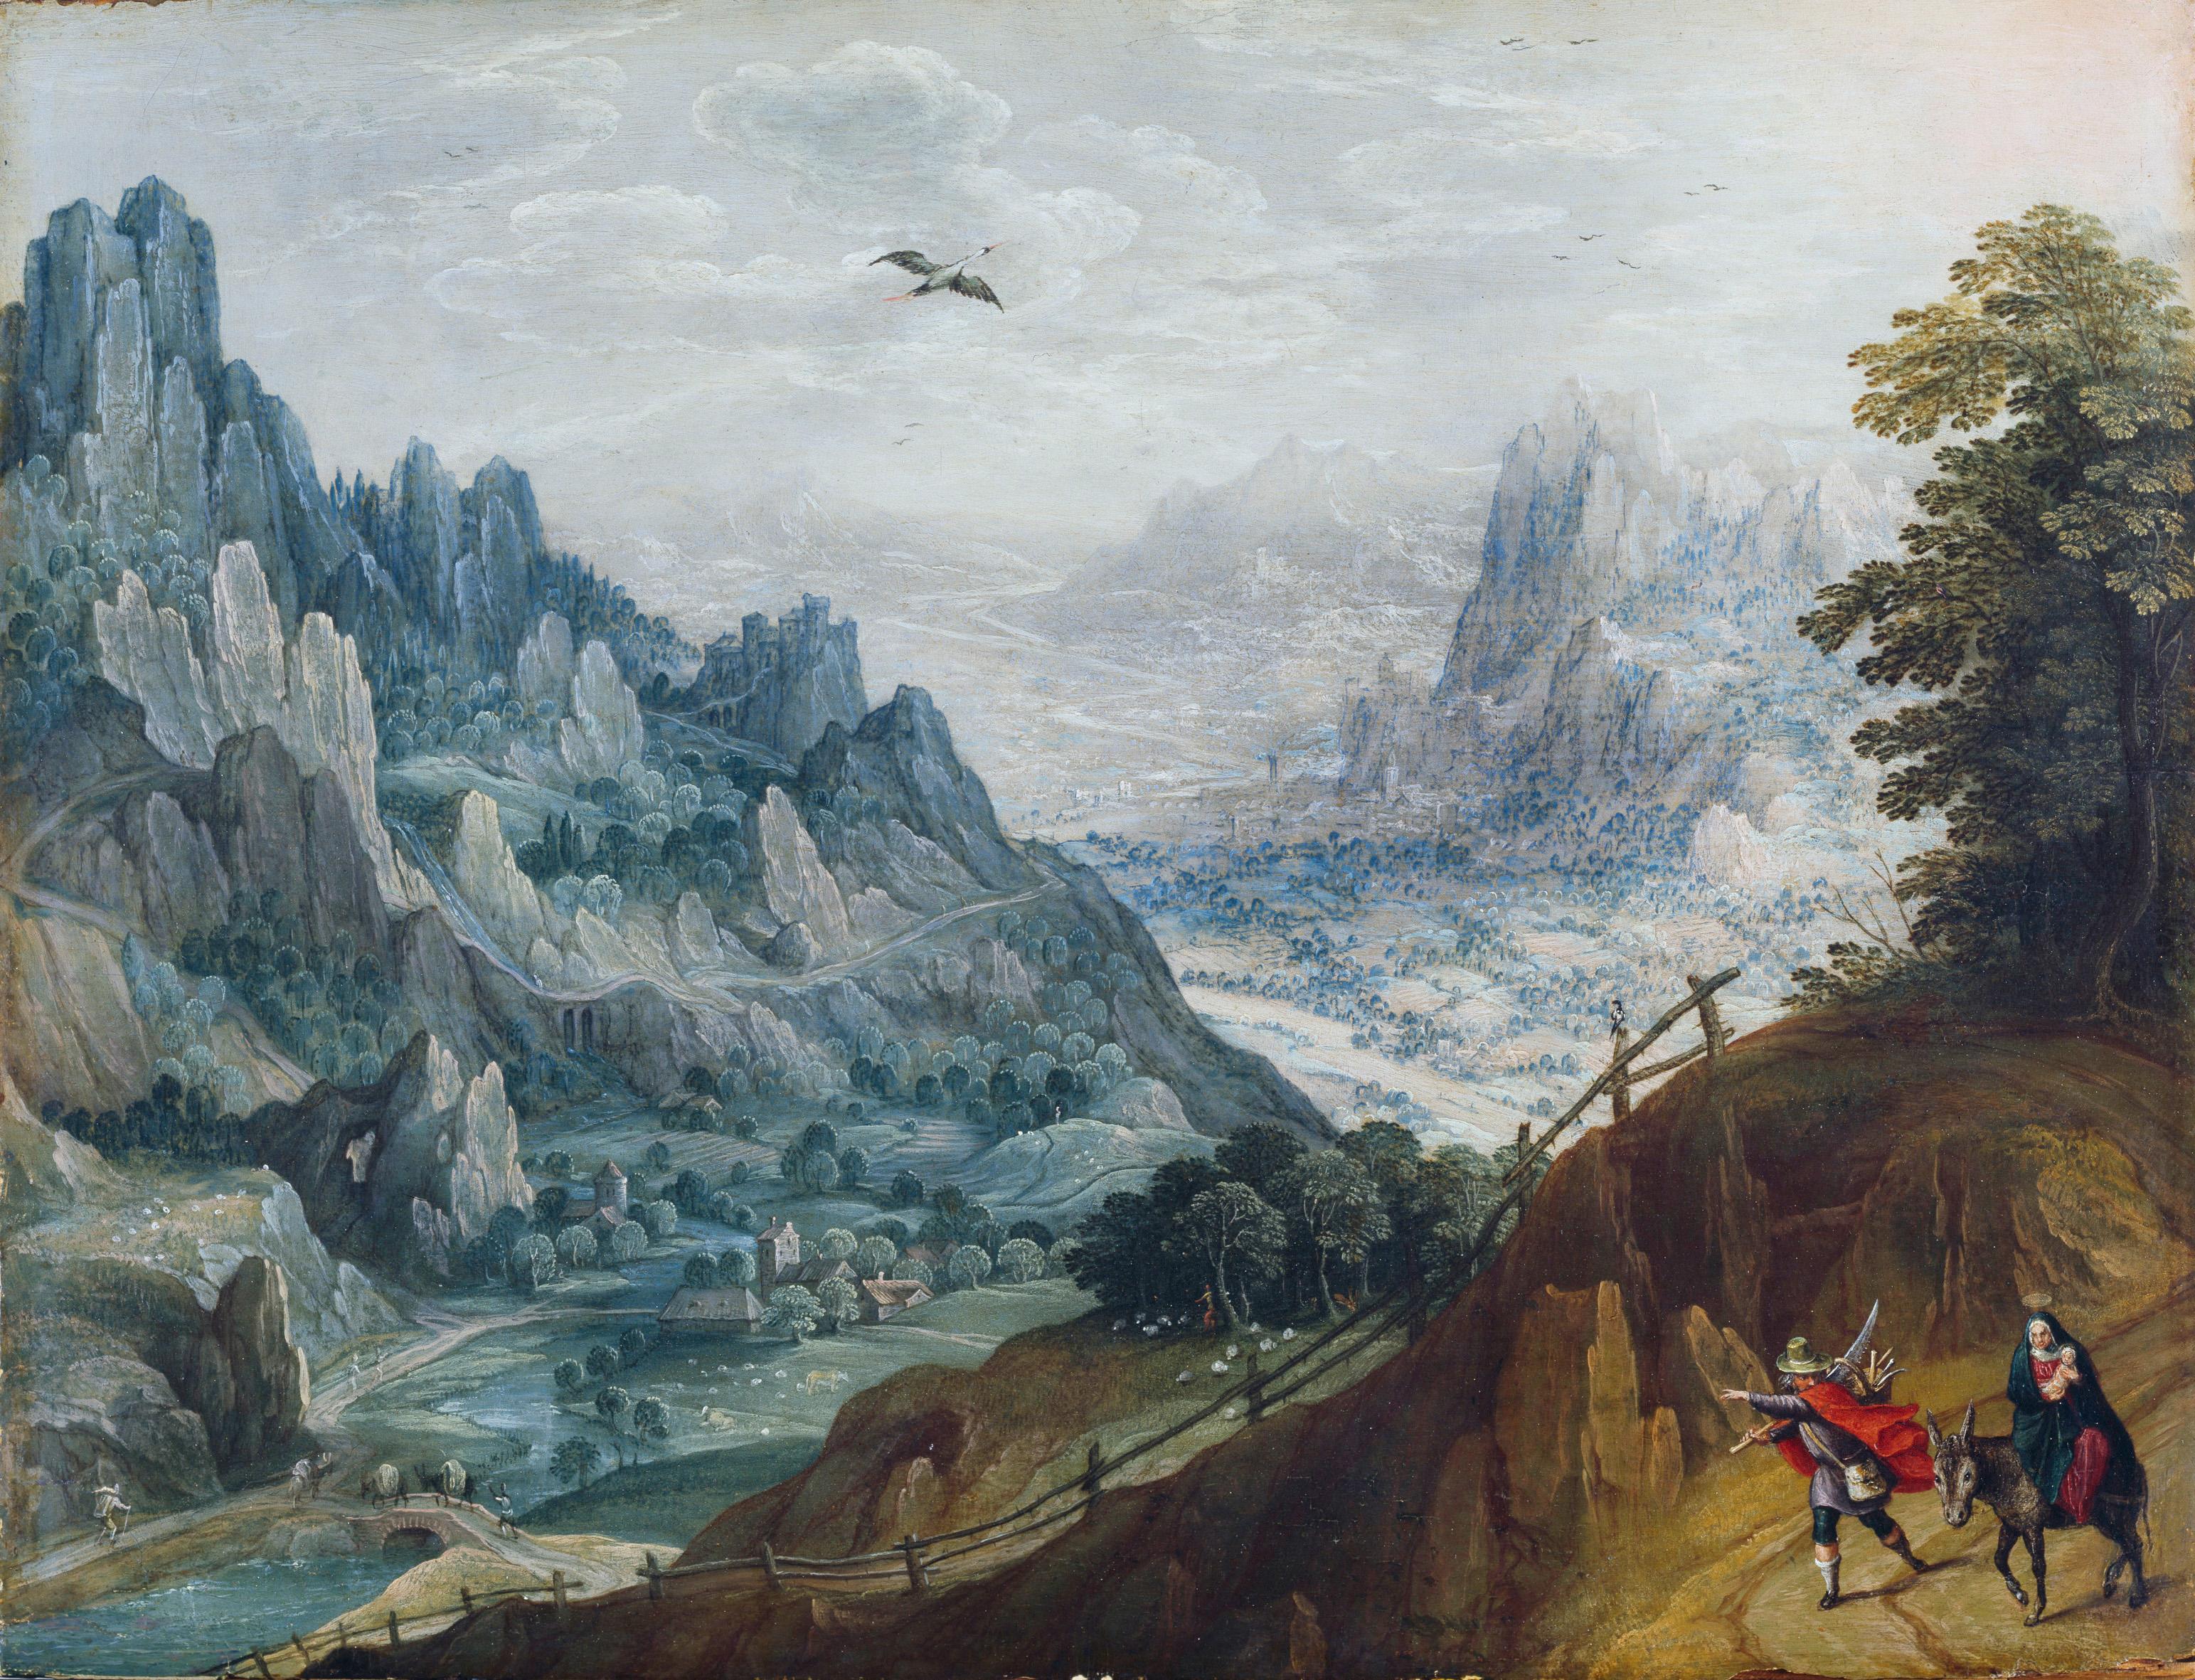 Tobias Verhaecht, Nachfolger (1561 – 1630) Landschaft mit der Flucht nach Ägypten (ohne Datum) Öl auf Eichenholz, 37 x 48 cm © Hamburger Kunsthalle / bpk Photo: Christoph Irrgang